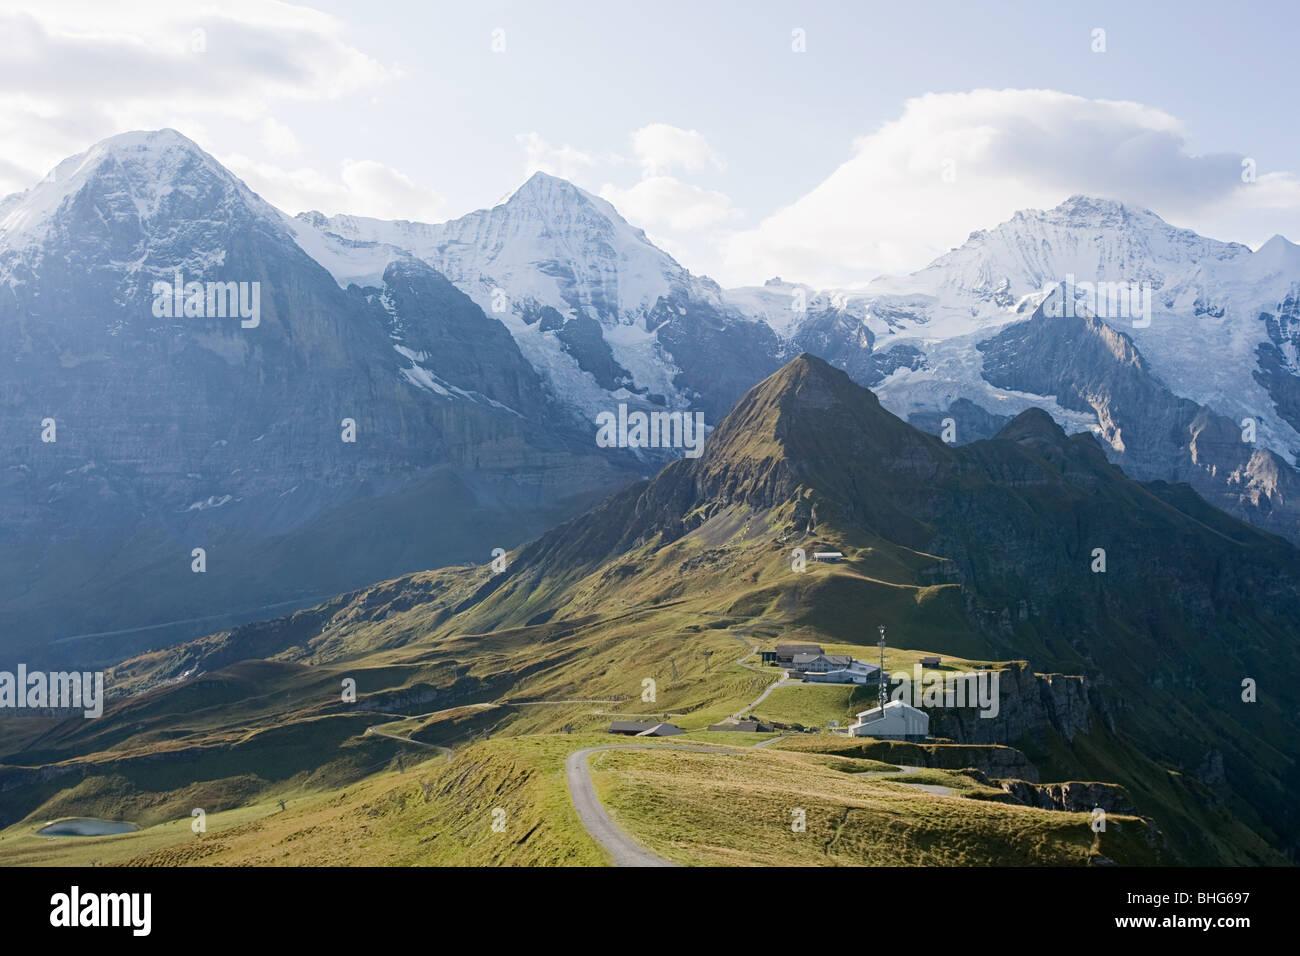 Männlichen, Bernese Oberland, Switzerland - Stock Image